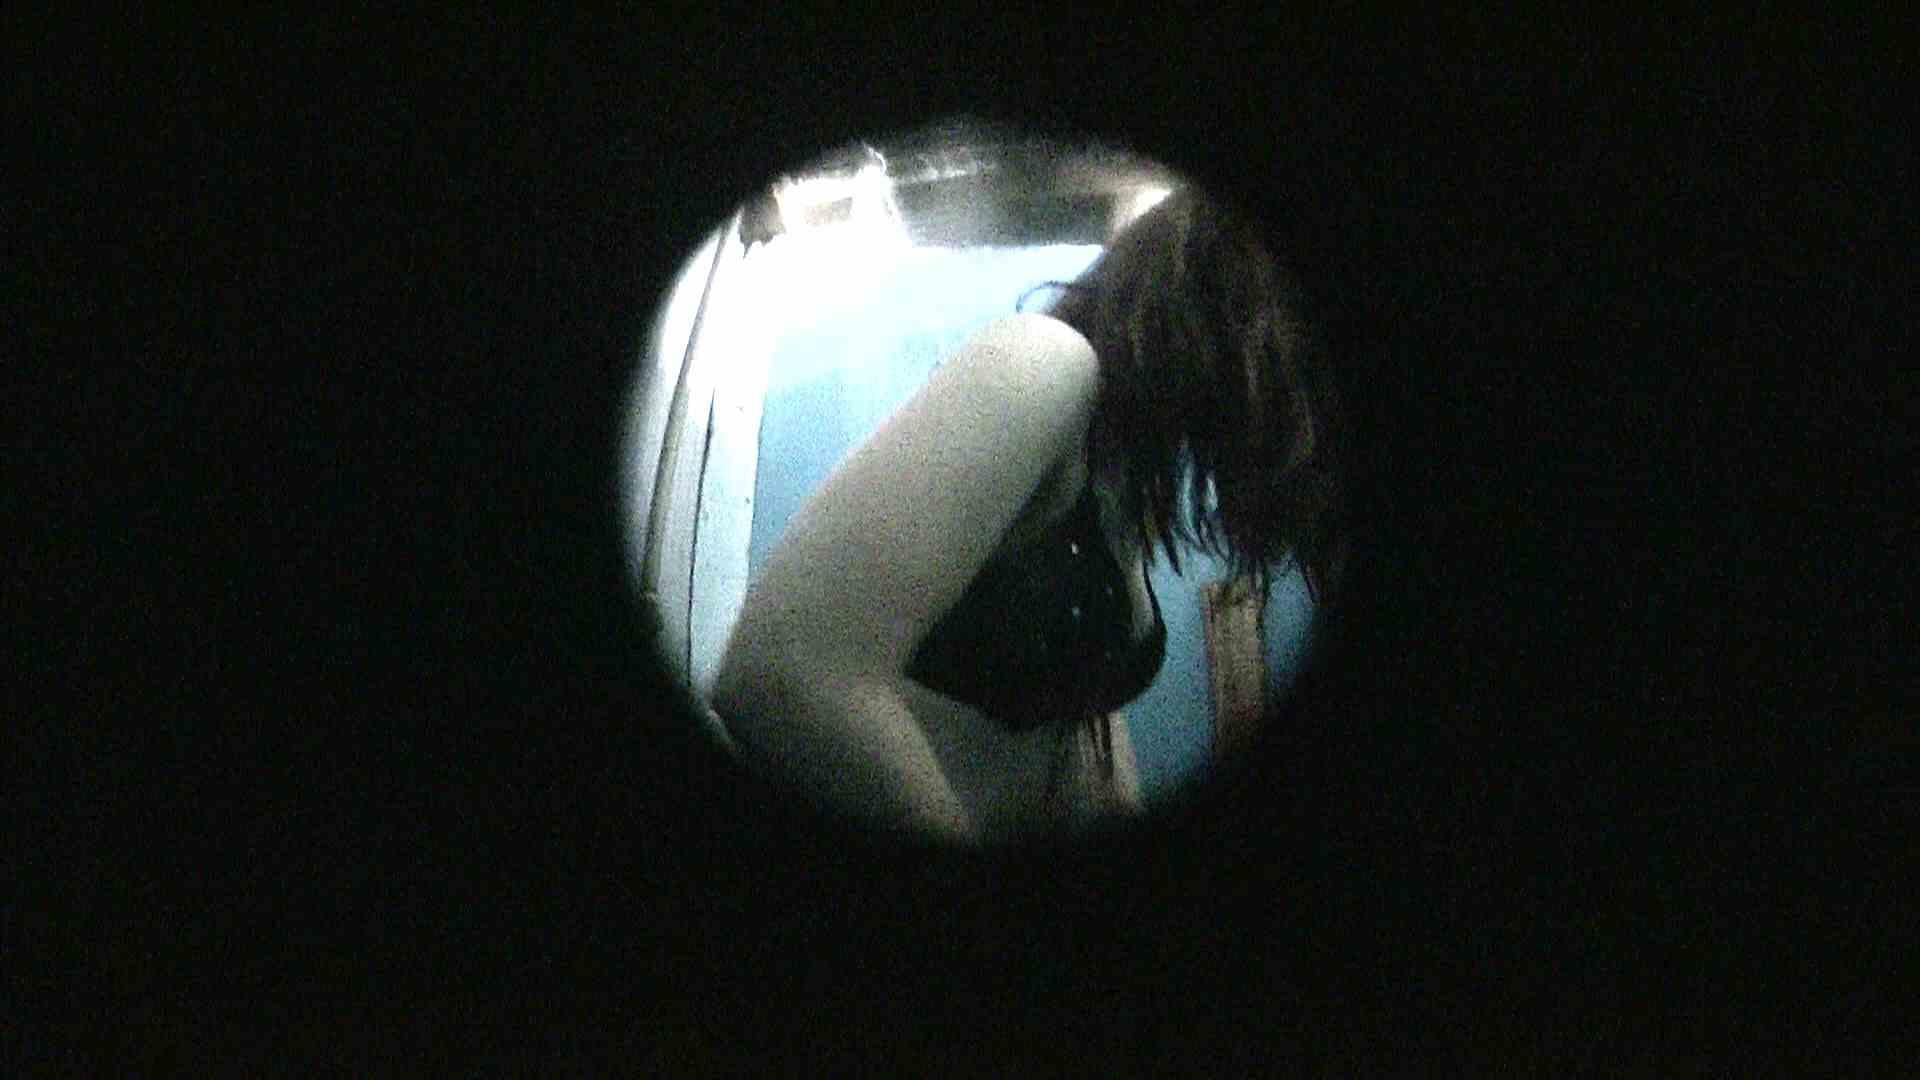 NO.13 暗いですが豪快な砂落としが好印象 シャワー室  89pic 62